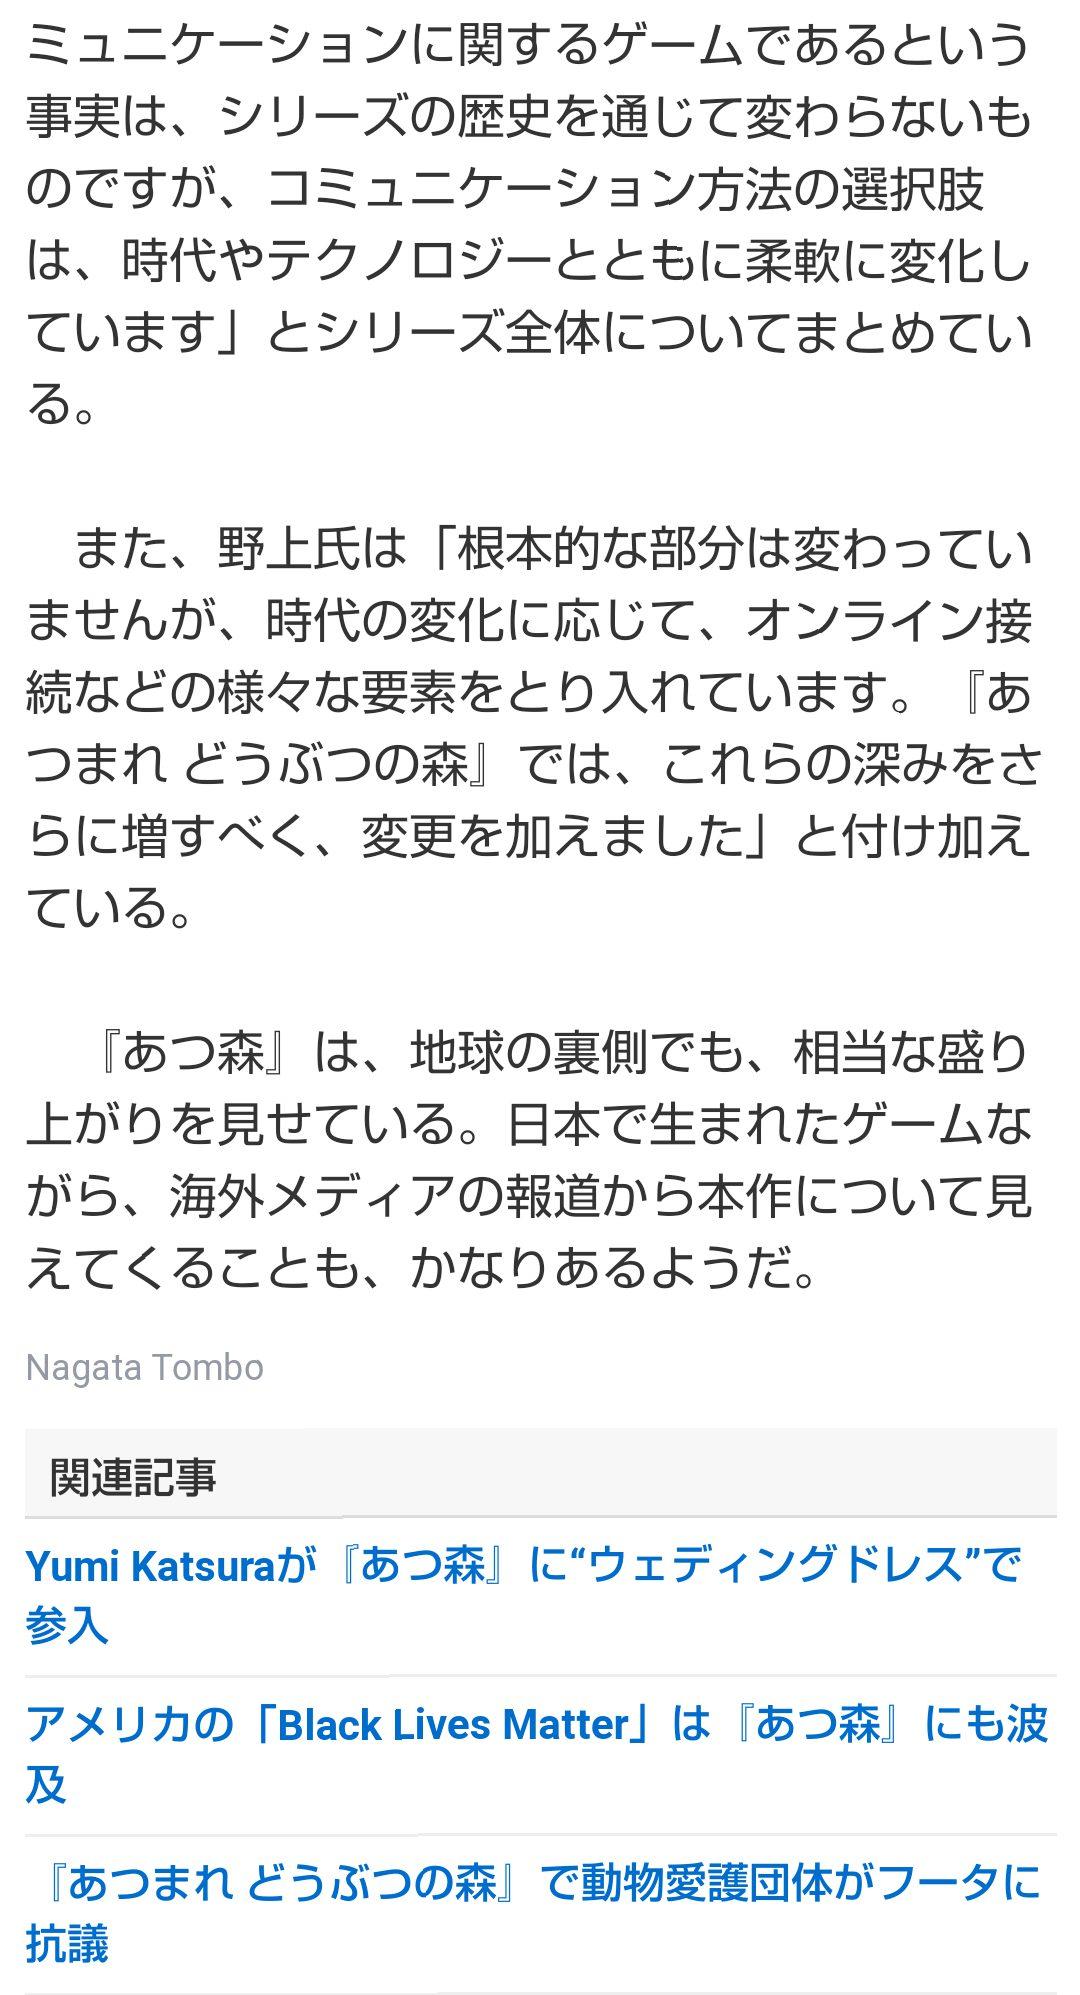 YeUj9Us - 【悲報】あつ森、ガチのマジで誰もやっていない Part.2